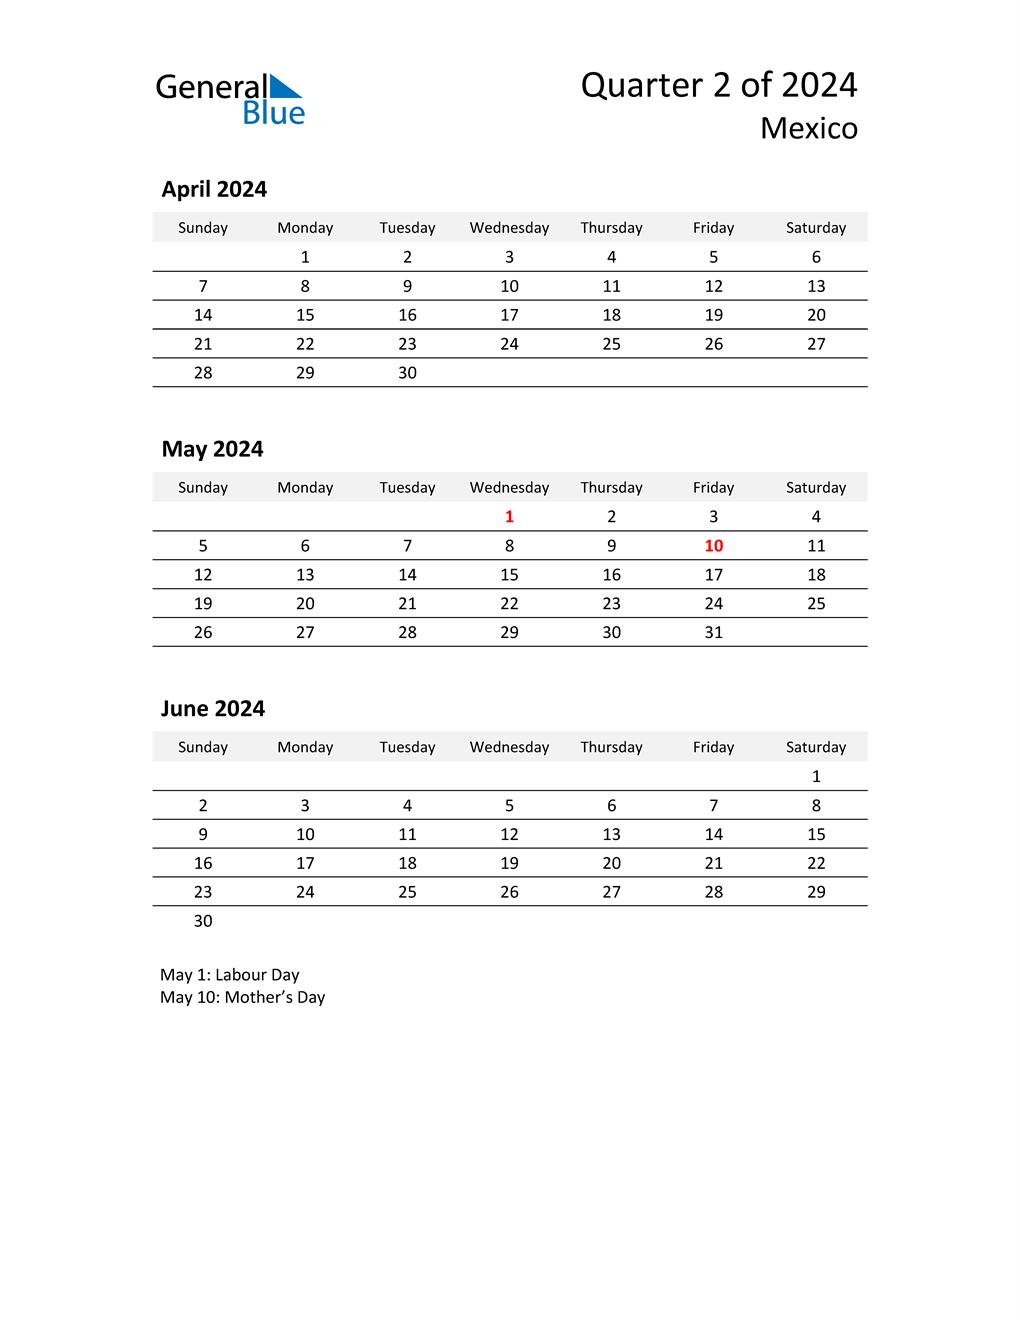 2024 Three-Month Calendar for Mexico